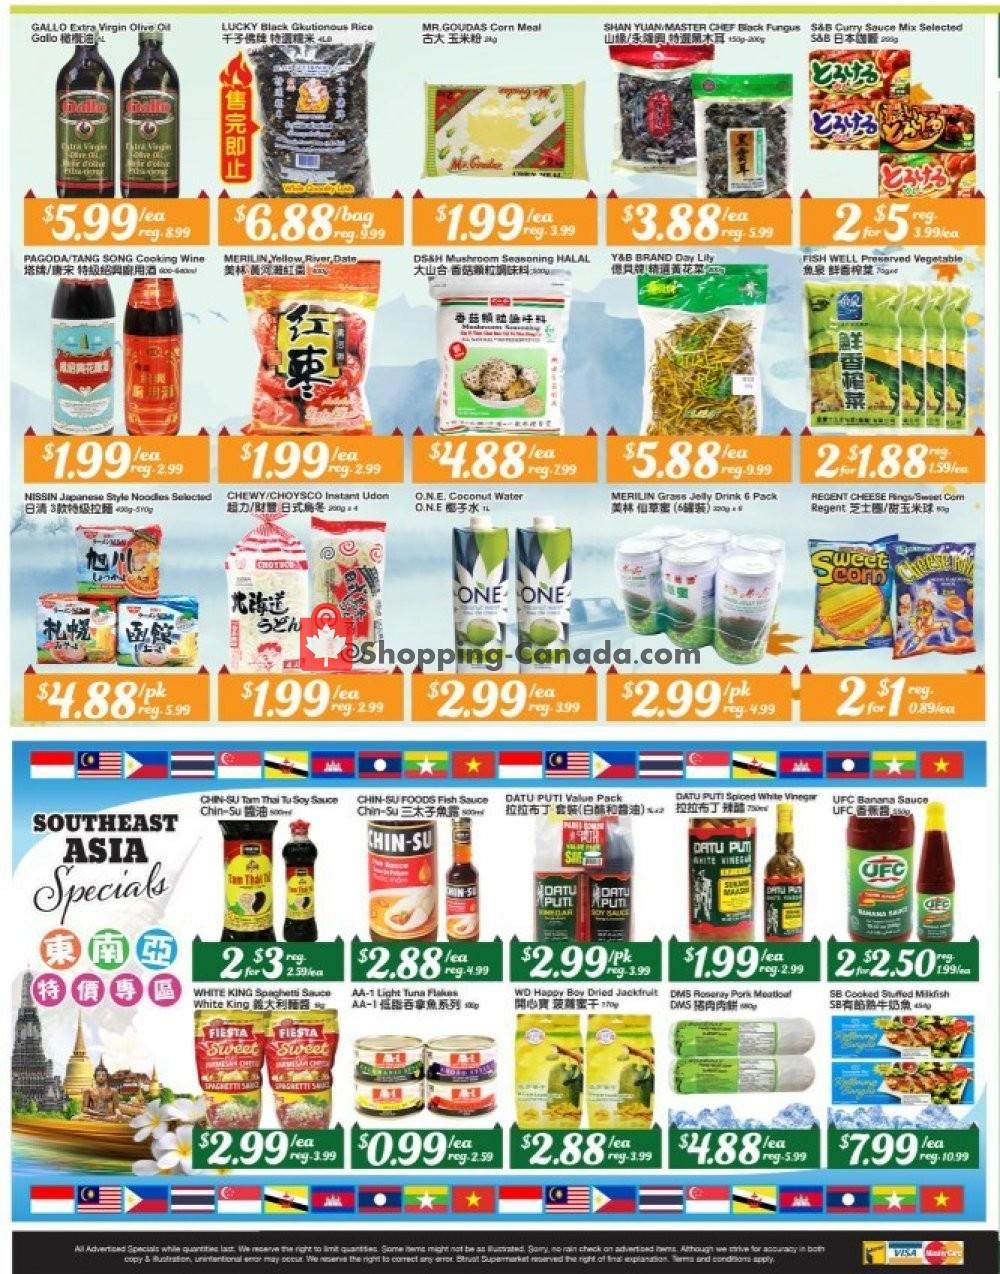 Flyer Btrust Supermarket Canada - from Friday October 4, 2019 to Thursday October 10, 2019